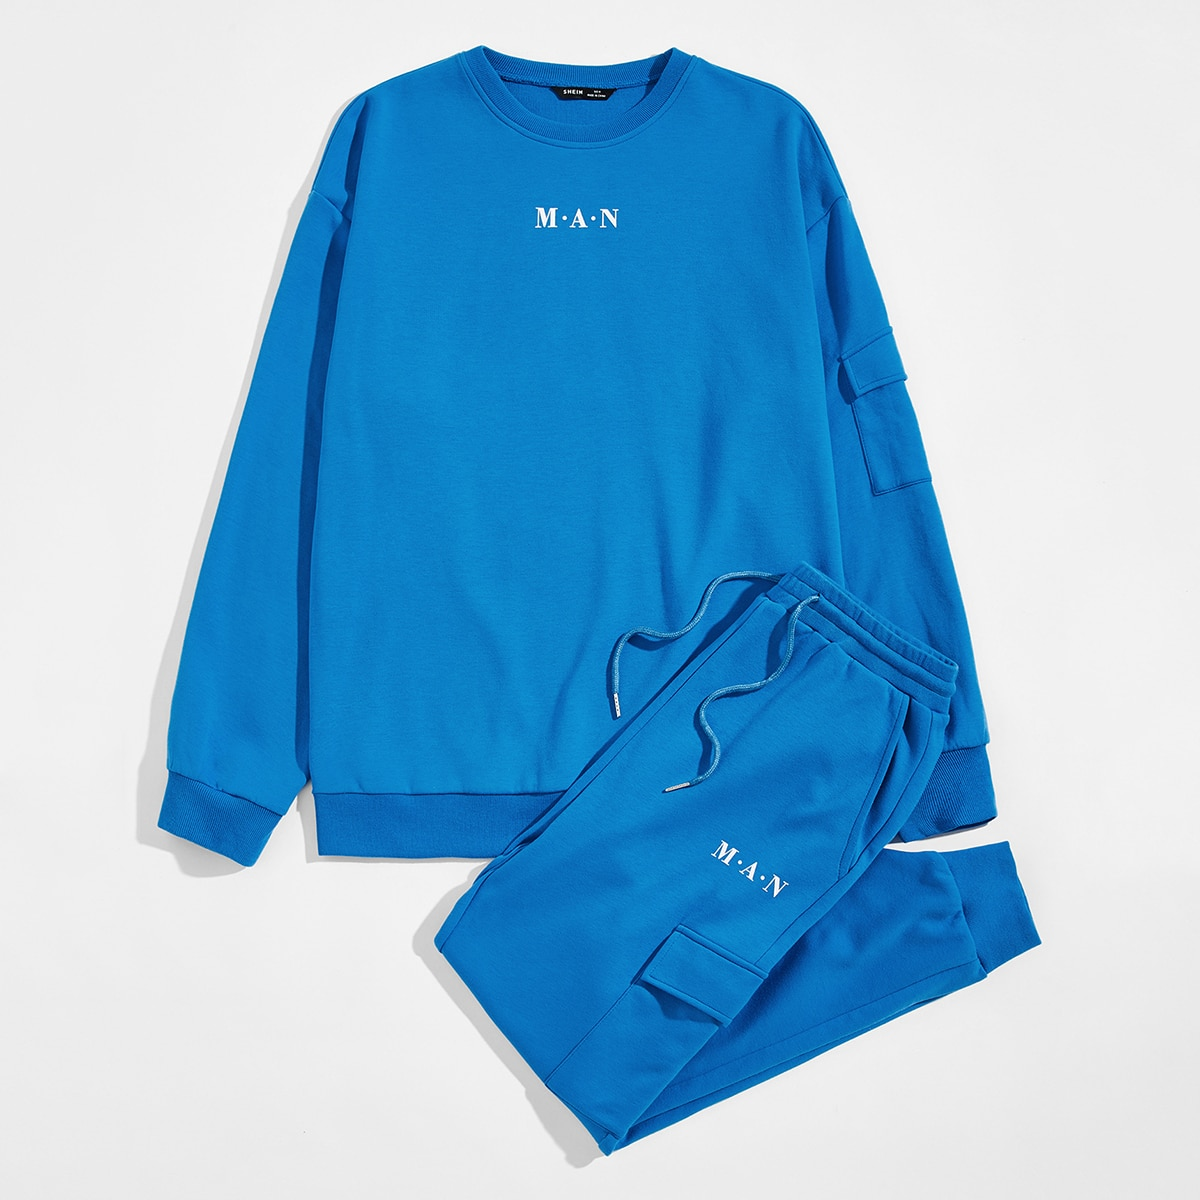 Мужской пуловер и джоггеры с текстовым принтом от SHEIN